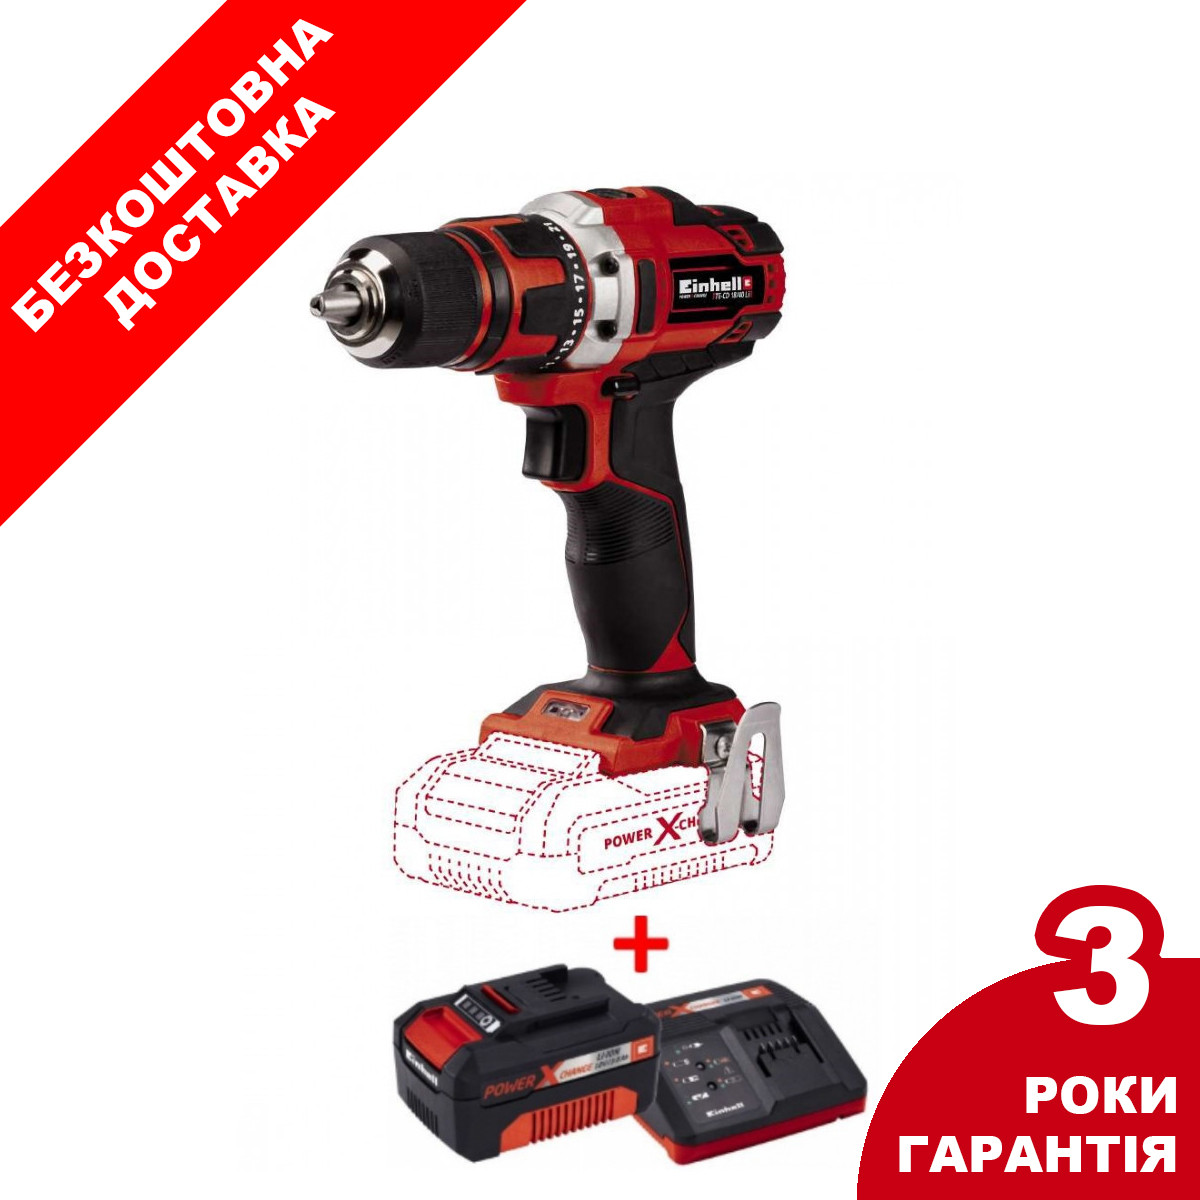 Набір шуруповерт Einhell TE-CD 18/40 Li-Sol + зарядний пристрій і акумулятор 18V 3,0 Ah